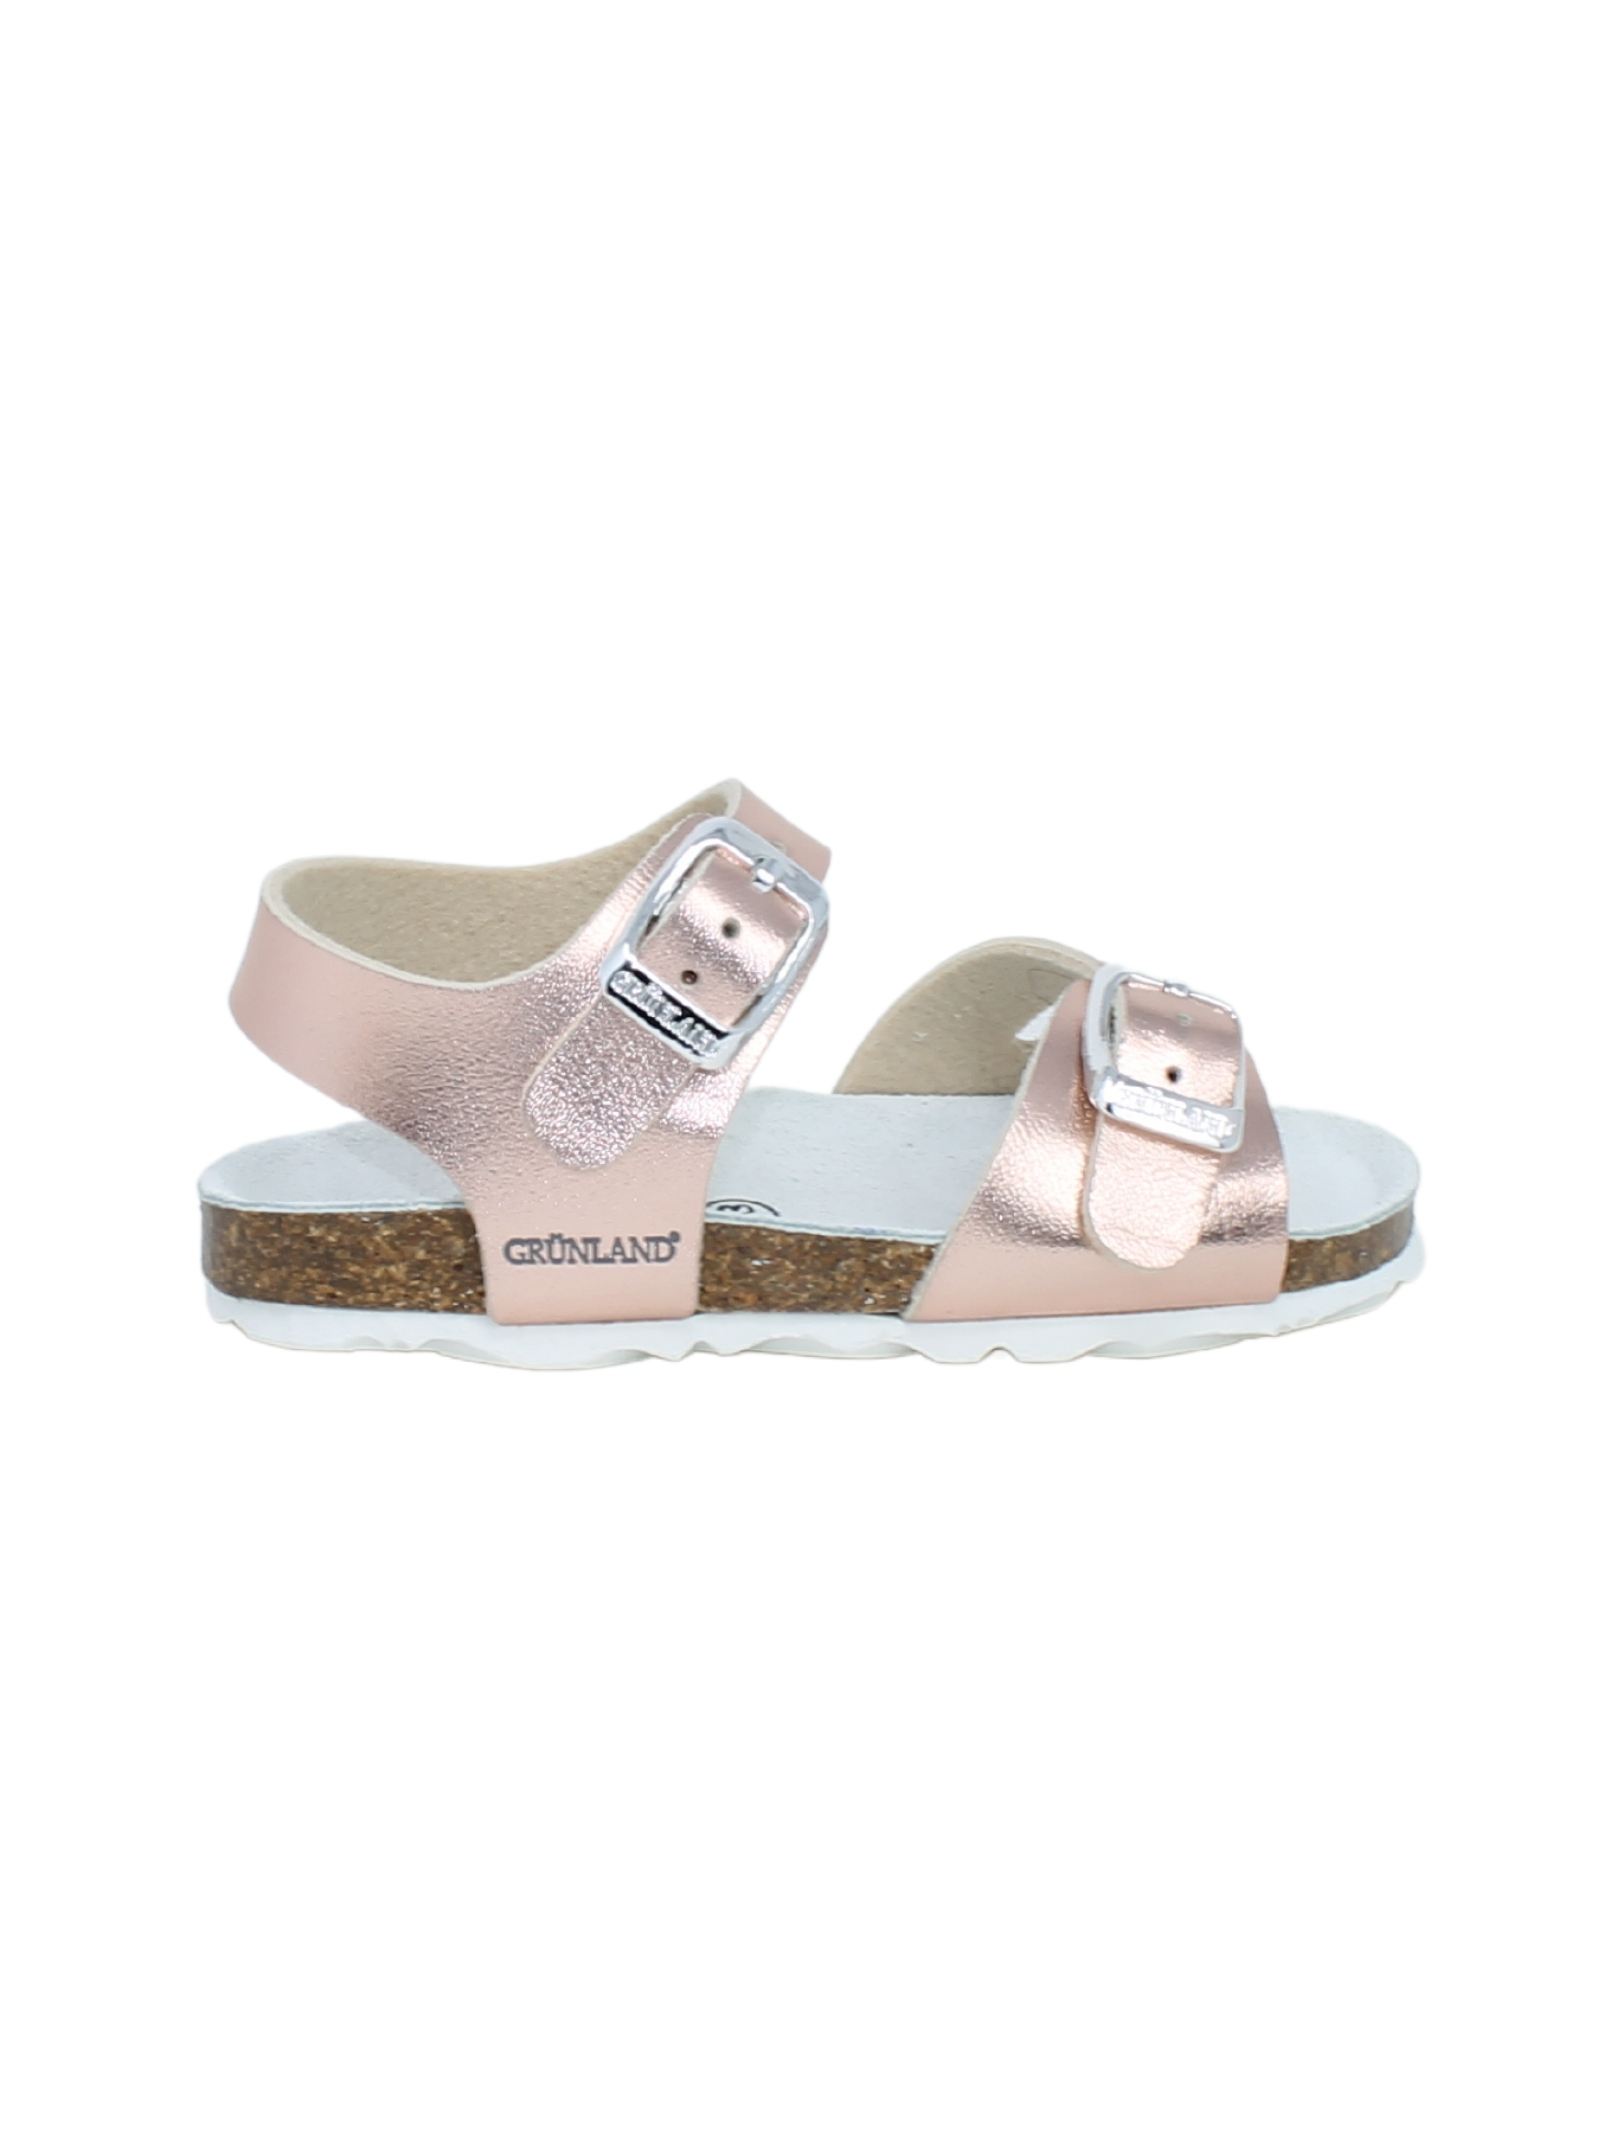 GRUNLAND JUNIOR | Sandals | 0392CIPRIA